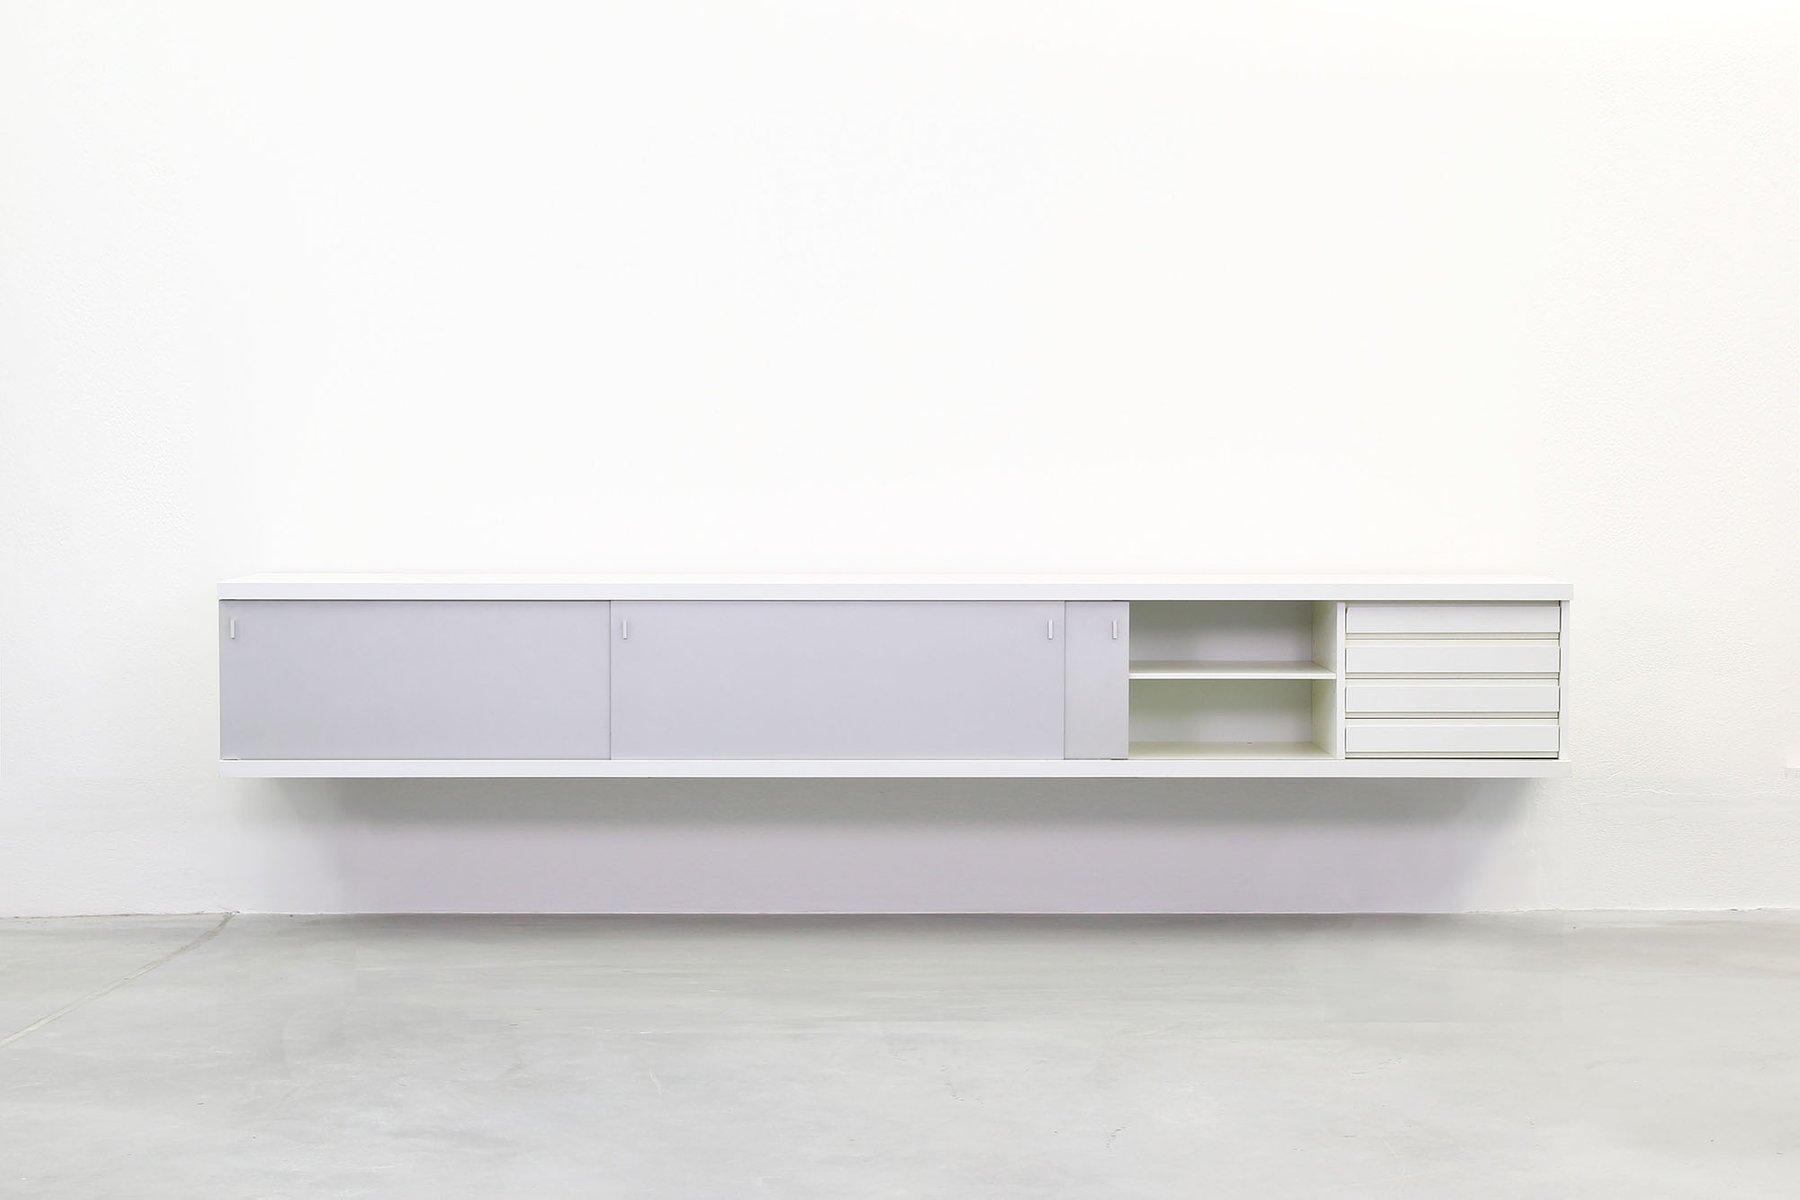 h ngendes sideboard von horst br ning f r behr 1967 bei. Black Bedroom Furniture Sets. Home Design Ideas